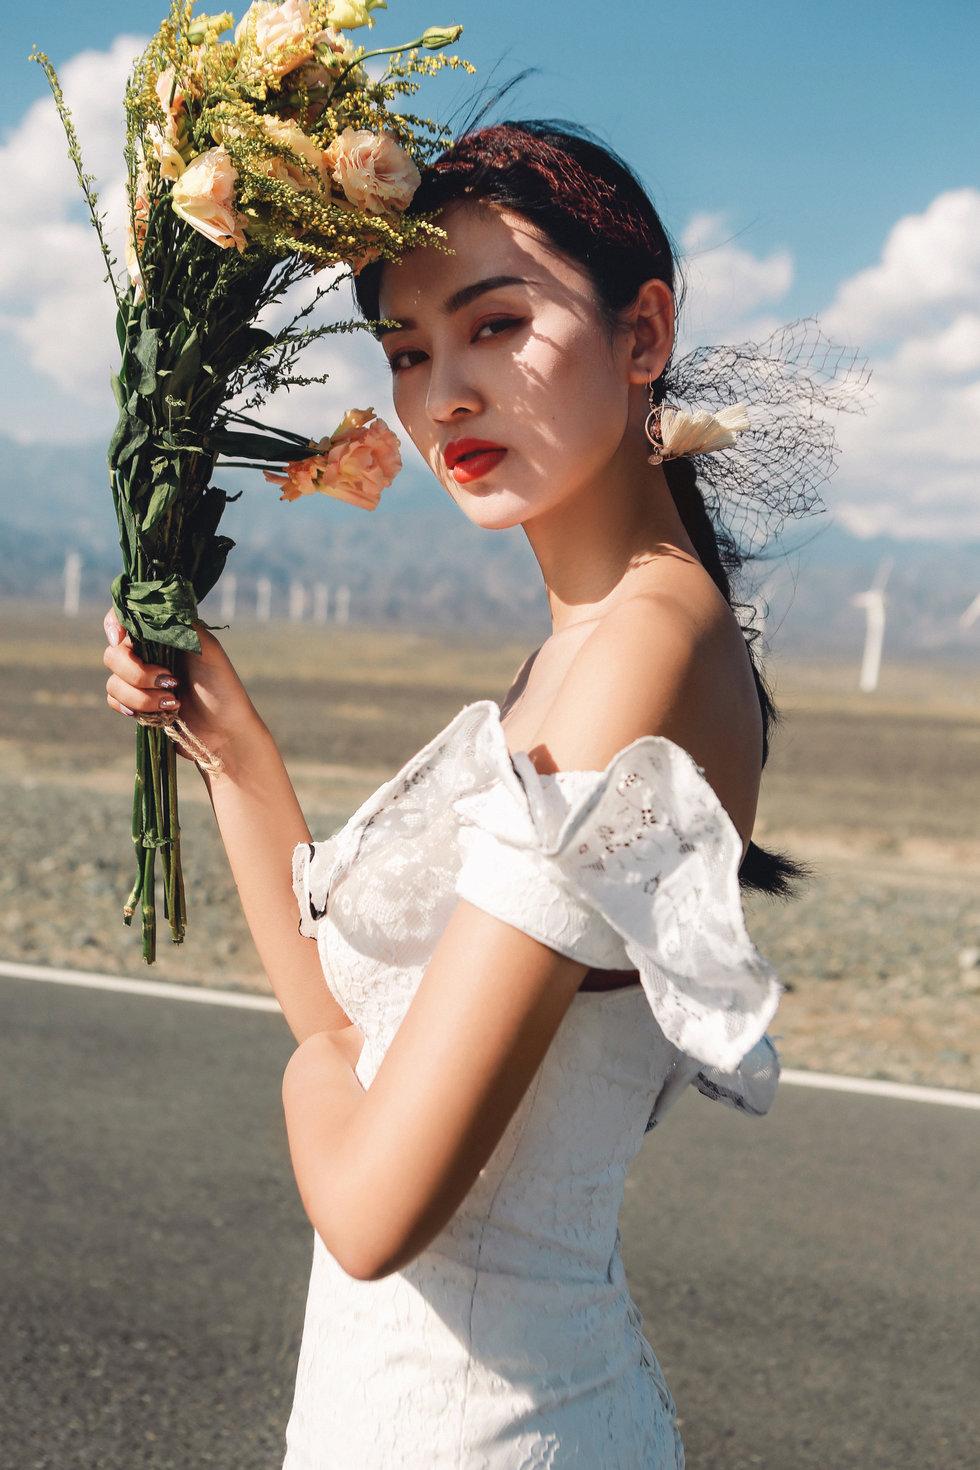 新疆必威体育登陆,新疆婚纱照,乌鲁木齐婚纱摄影,乌鲁木齐婚纱照